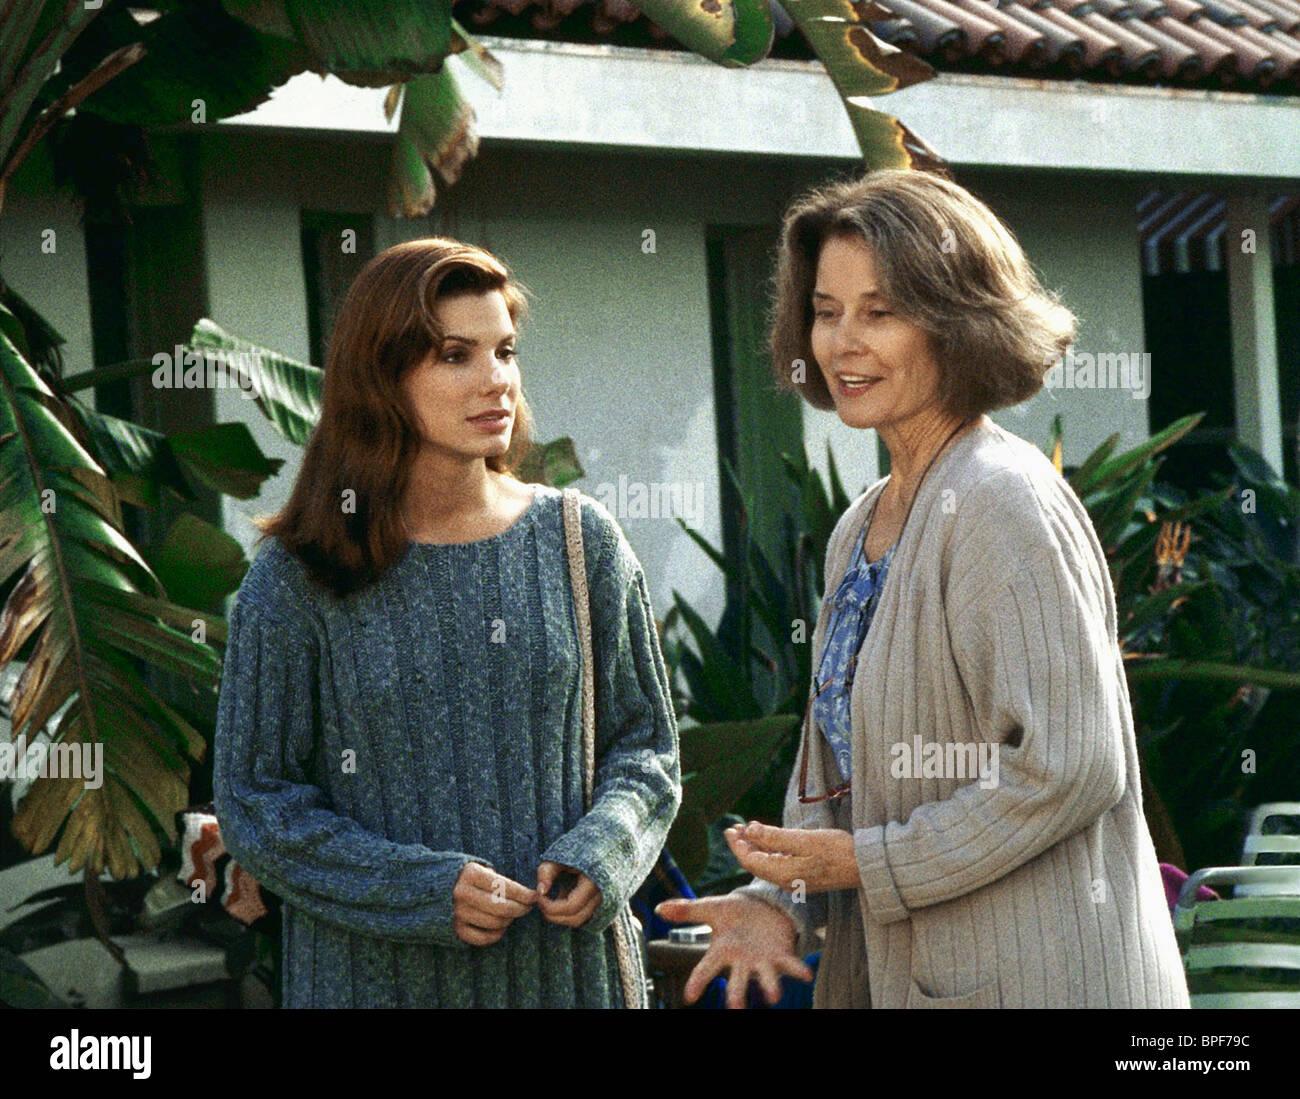 SANDRA BULLOCK & DIANE BAKER THE NET (1995) - Stock Image